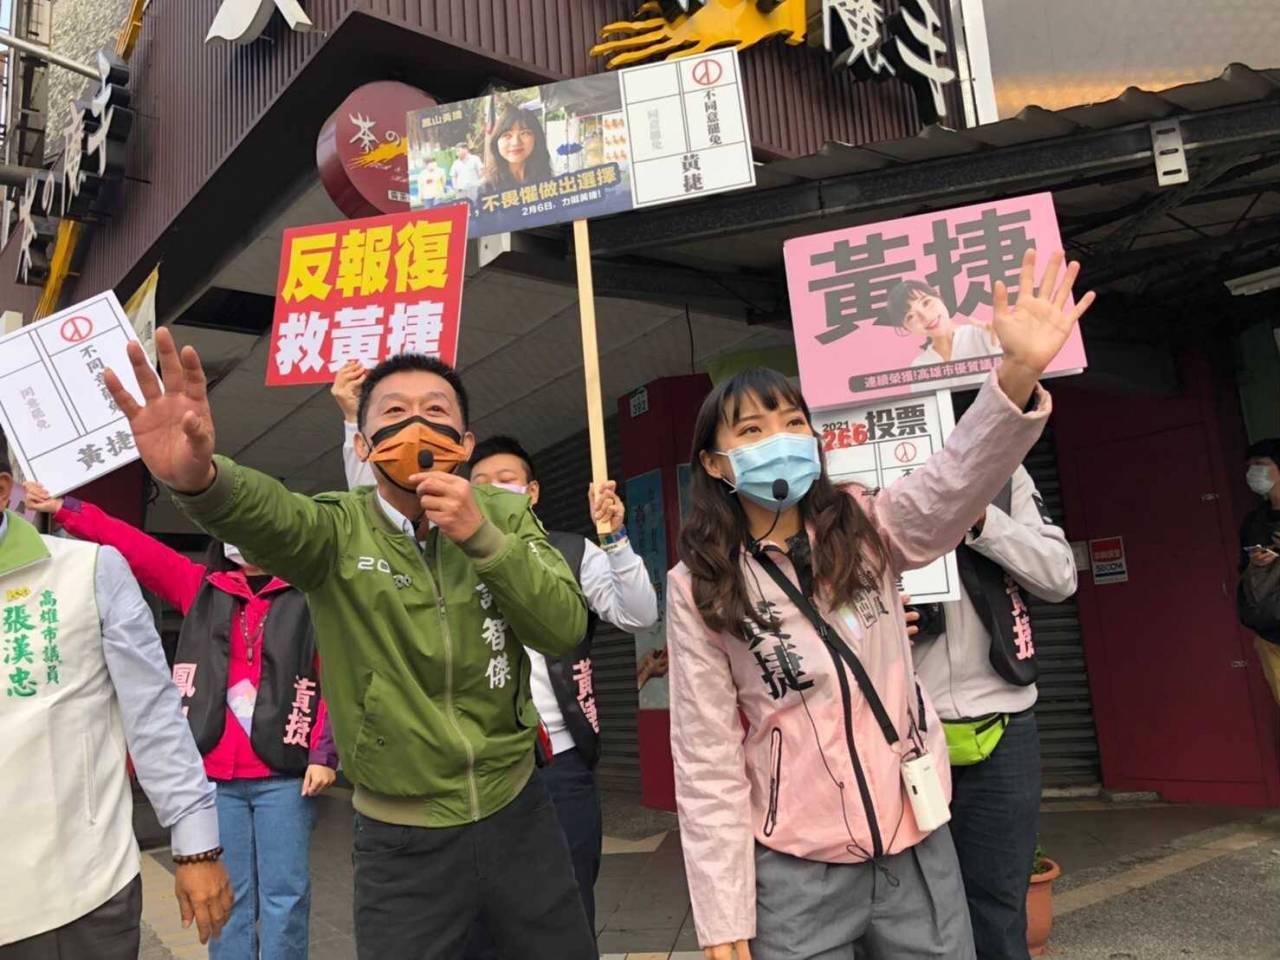 為何罷免權毀了台灣民主? 罷免黃捷、藍綠都來參一咖 民代罷免成案數更創歷史新高!